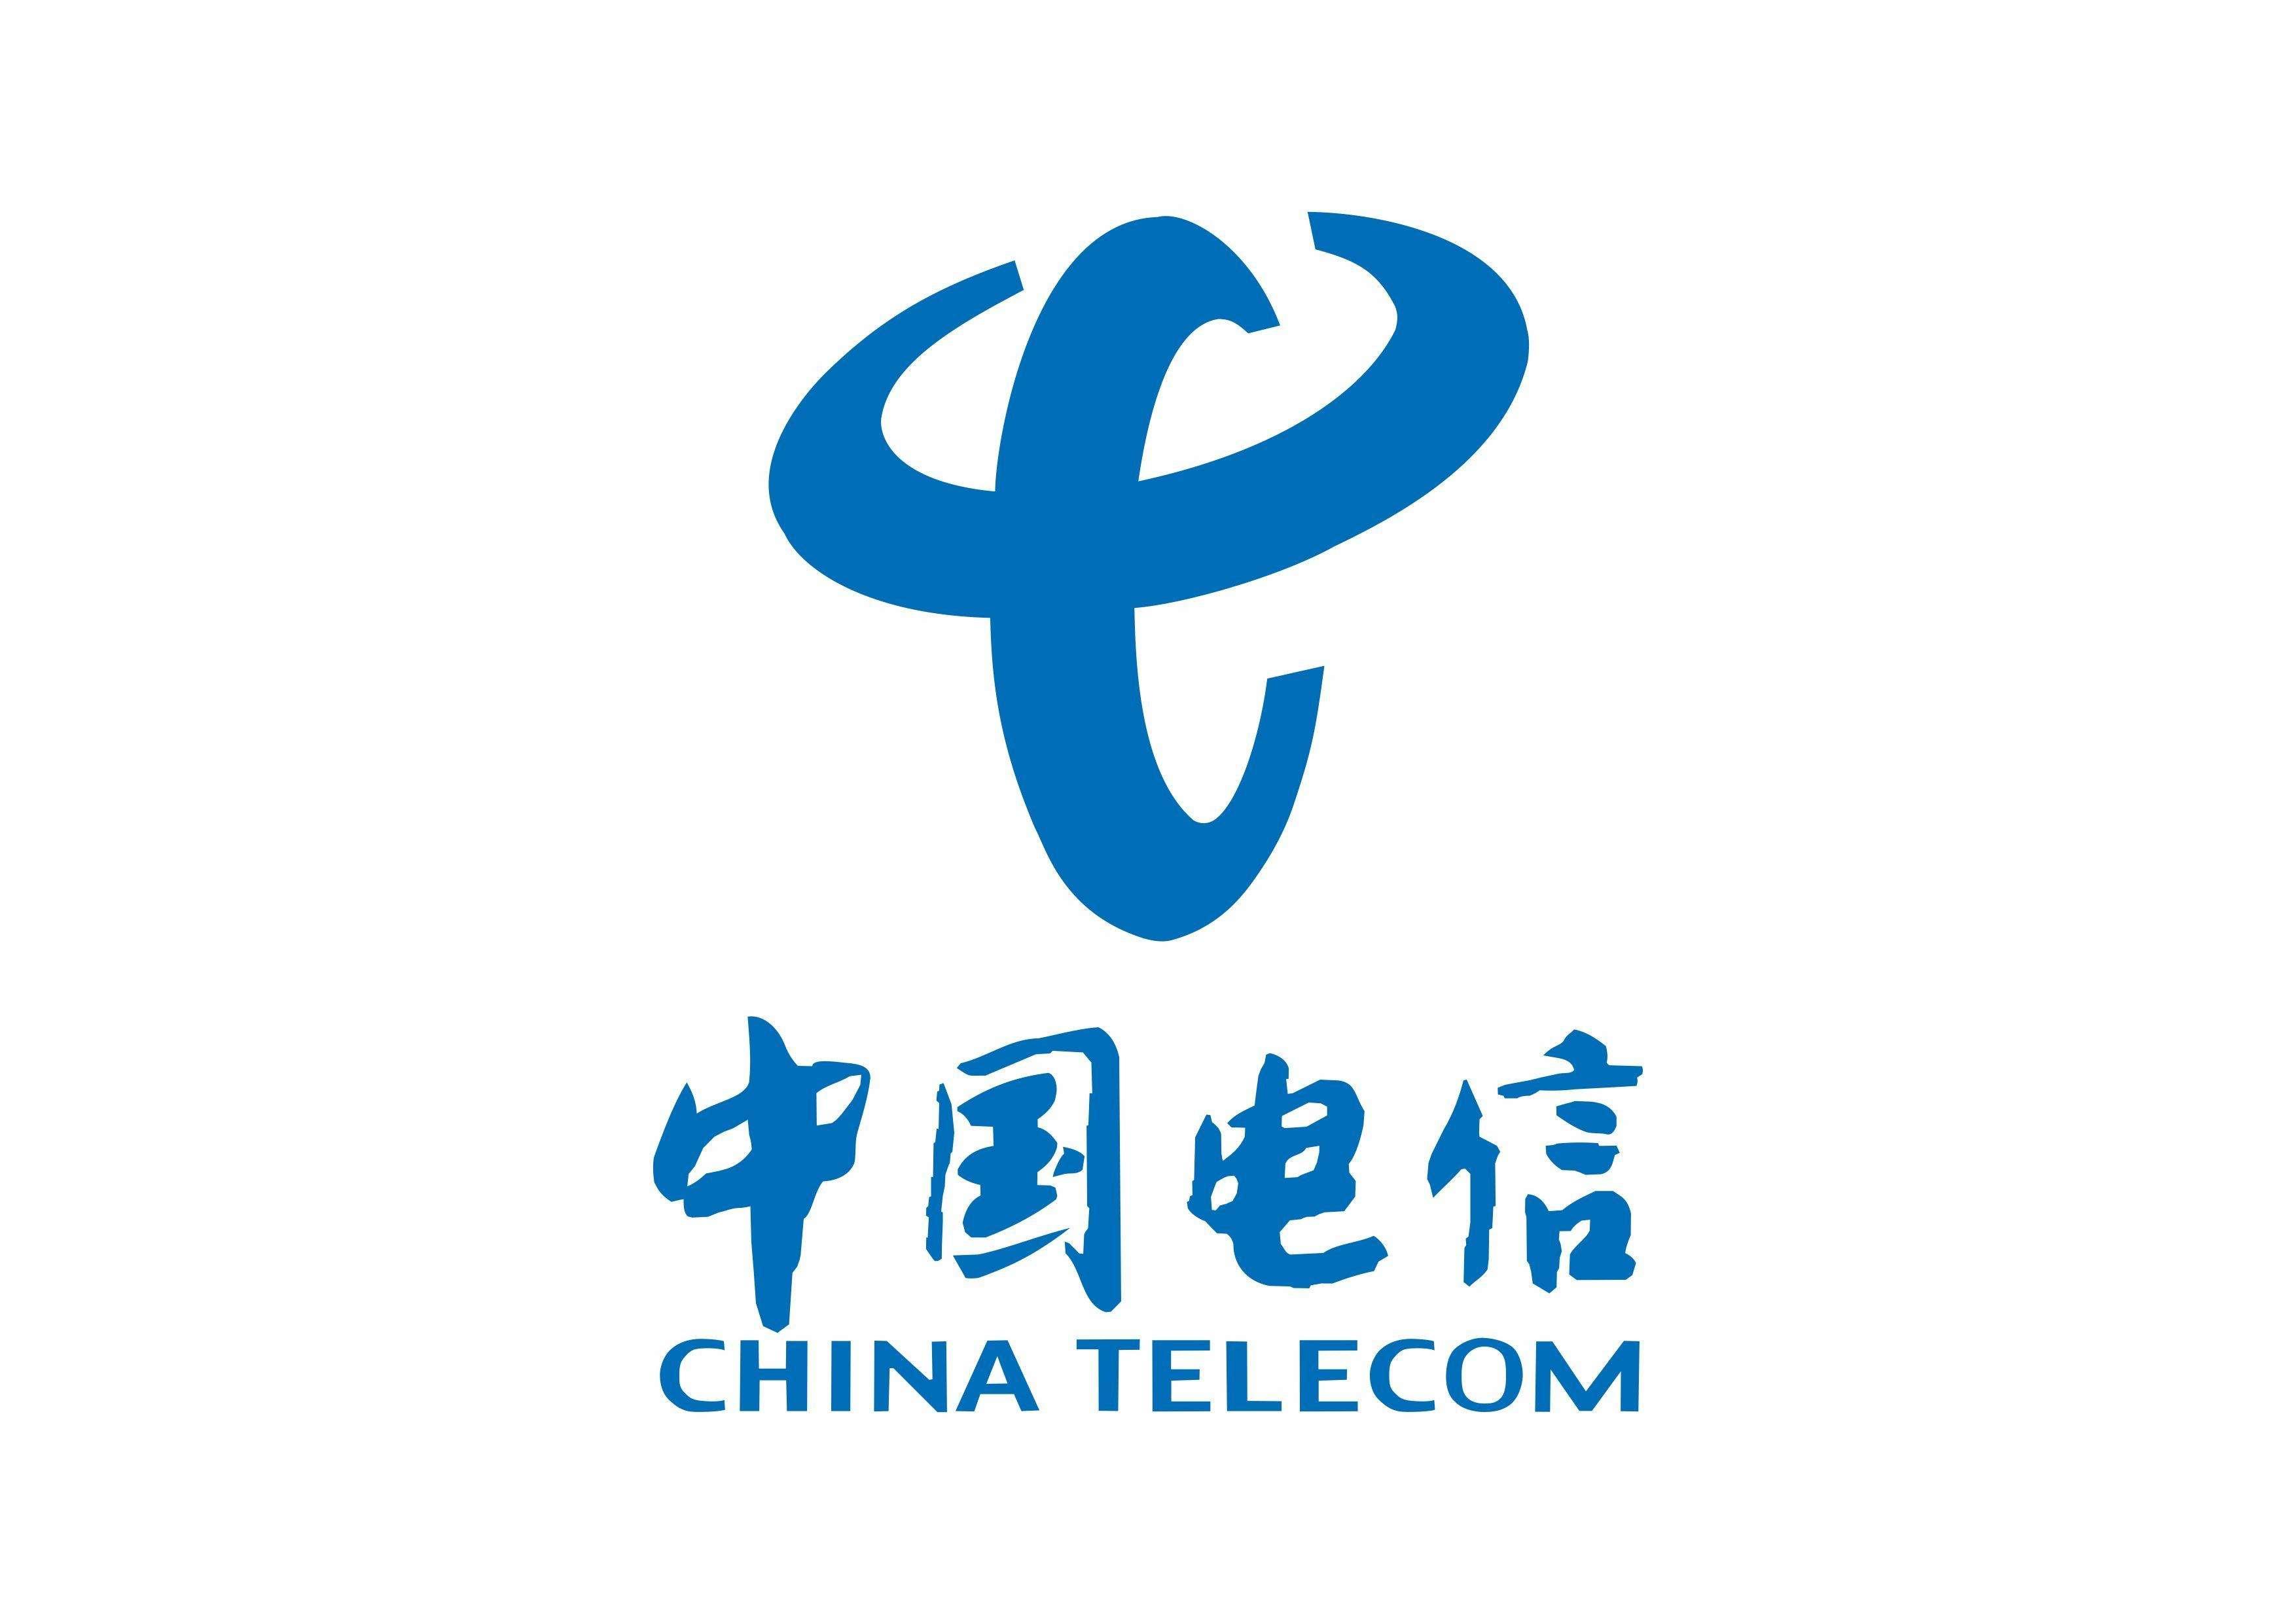 浙江电信SDN NFV的物联网超大规模认证资源池...